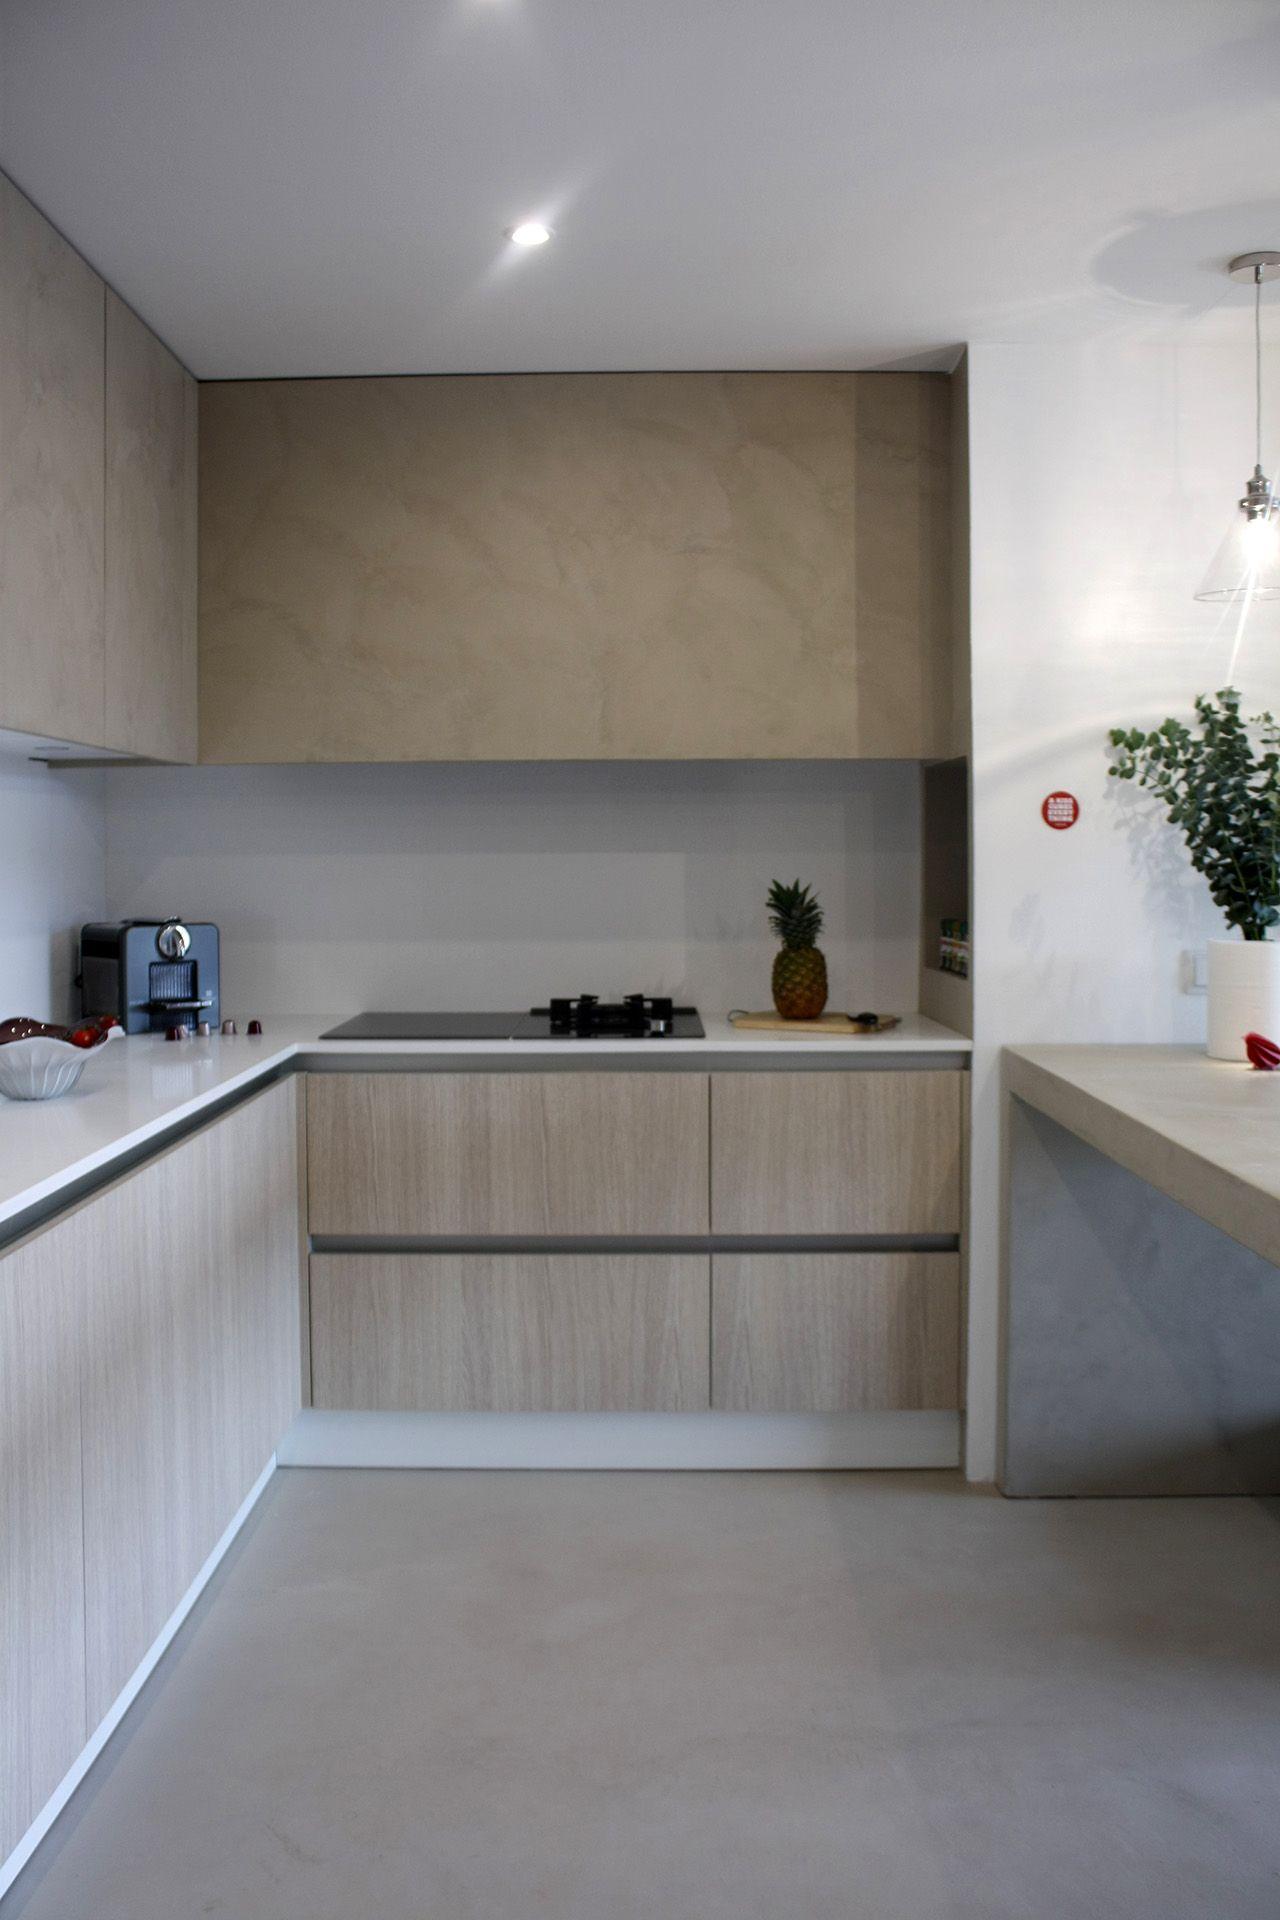 Cocina de microcemento y madera www.victoriaaragones.com | Cocinas ...